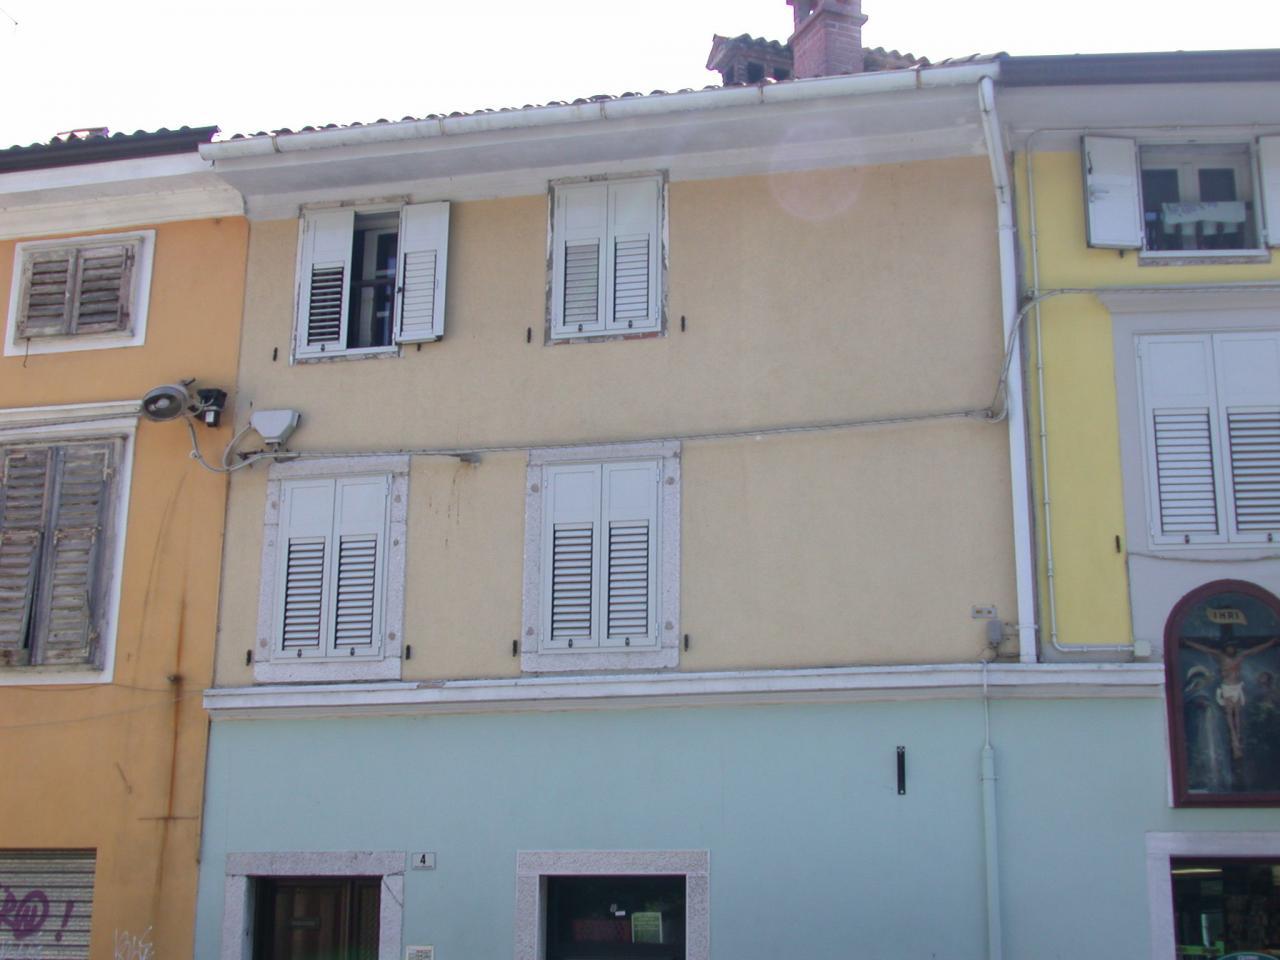 Appartamento in affitto a Gorizia, 5 locali, zona Località: centro, prezzo € 385 | Cambio Casa.it